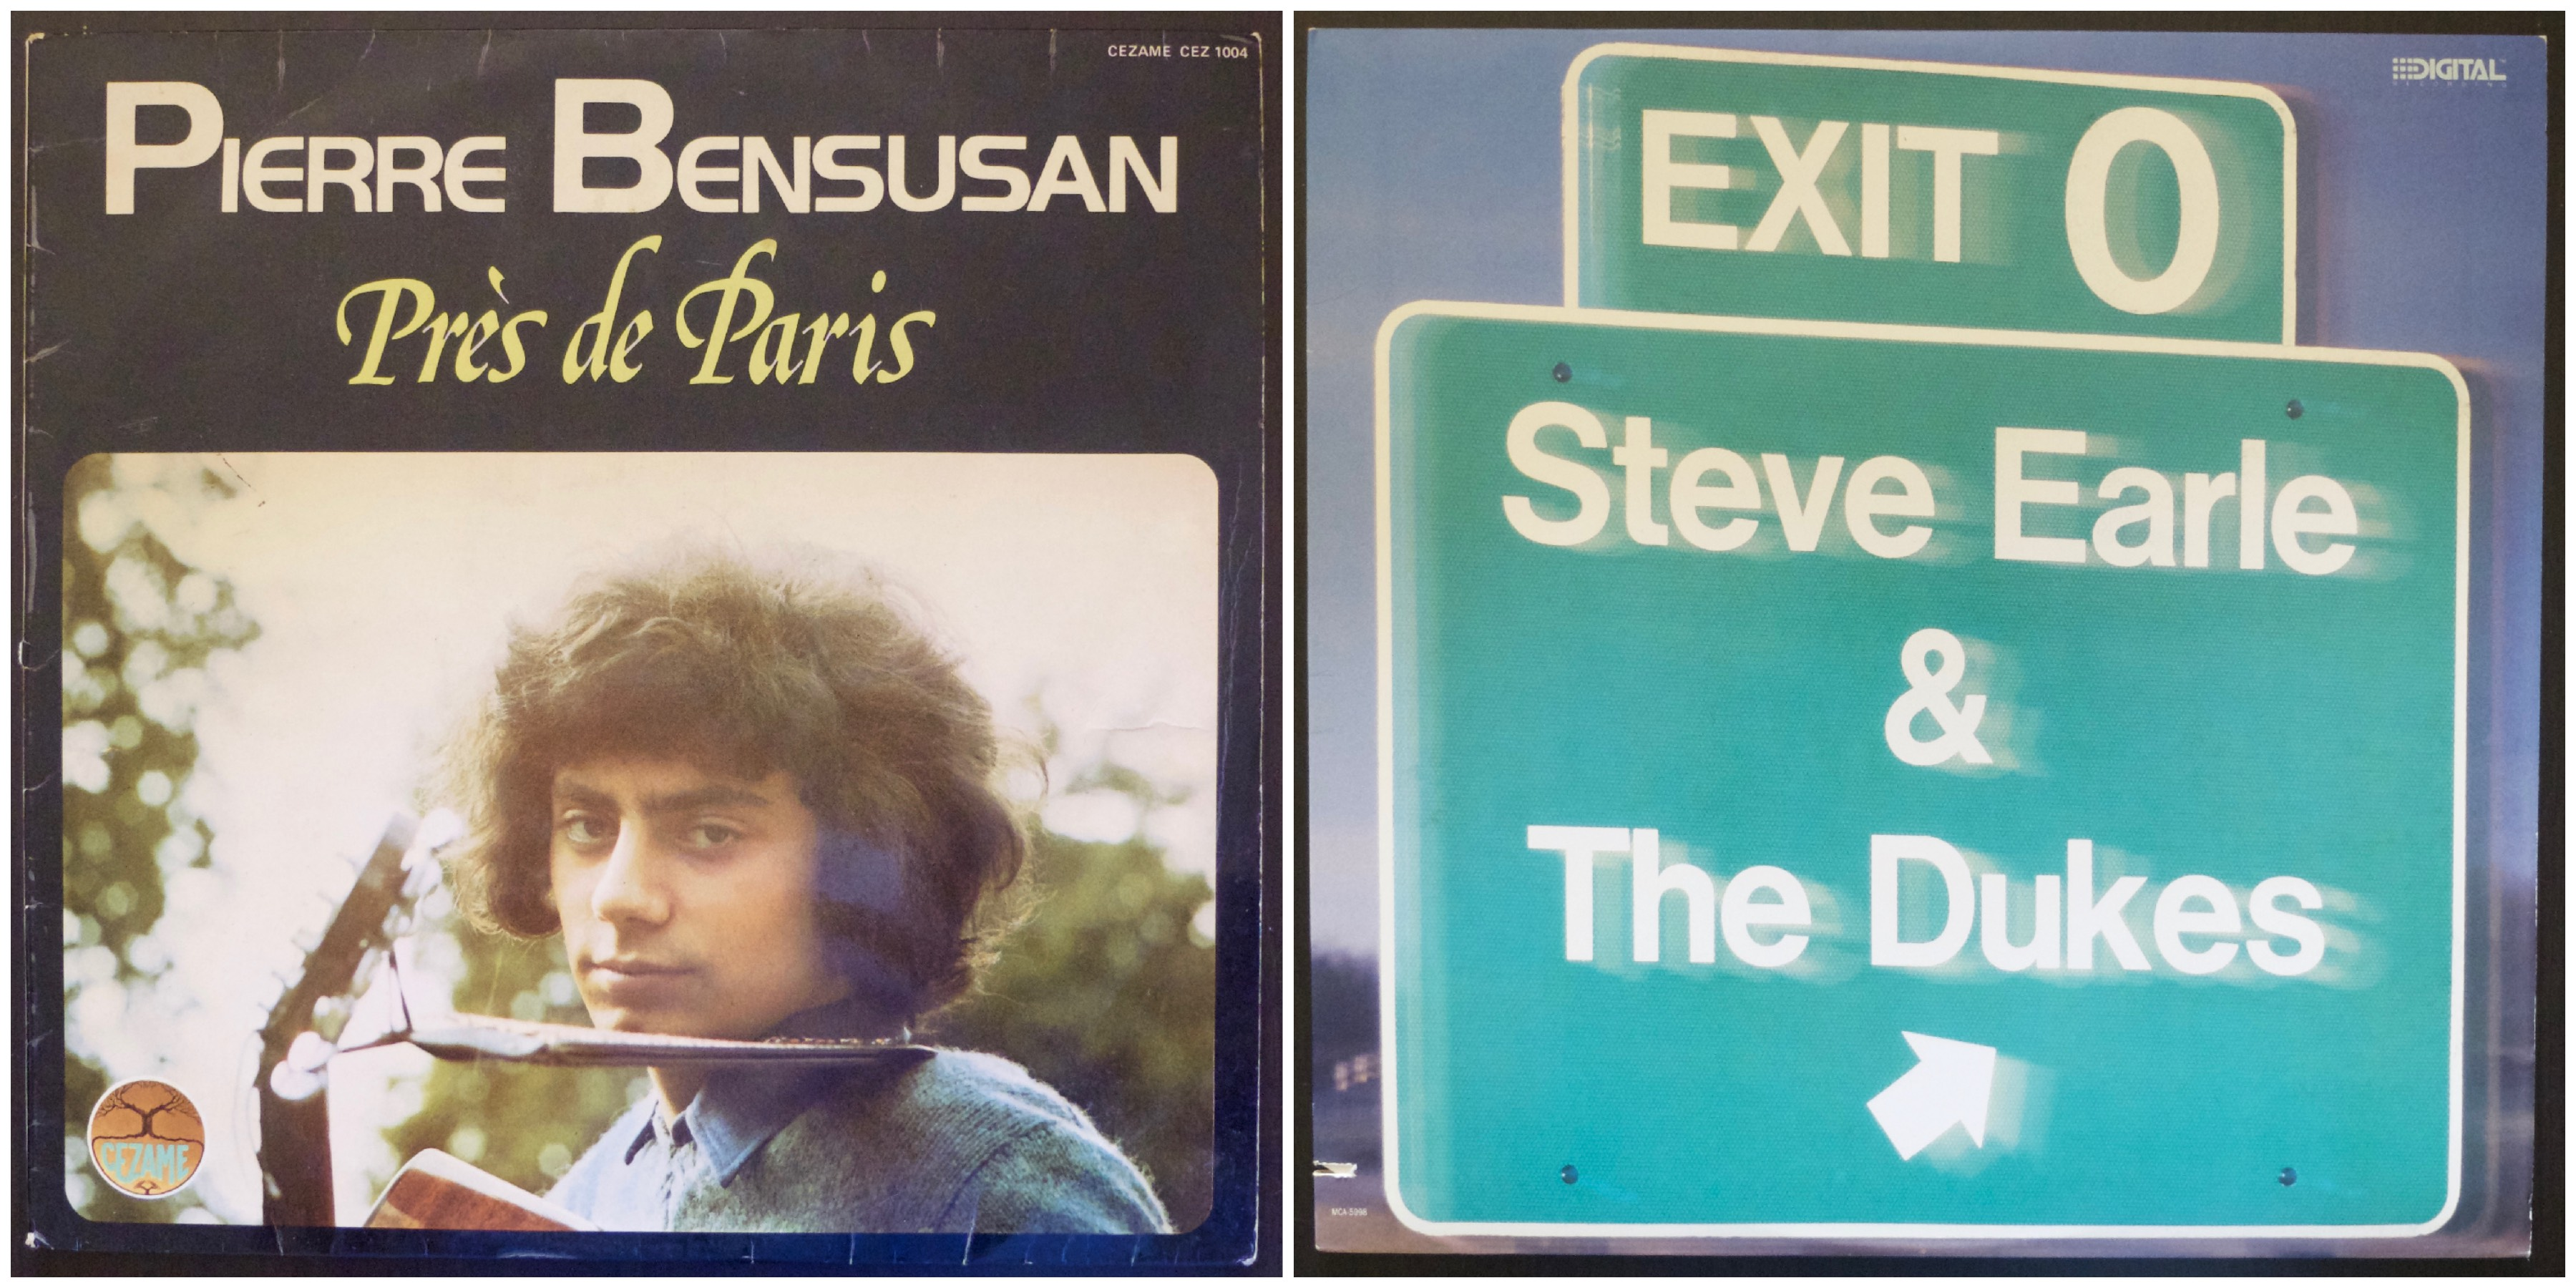 Les deux derniers disques…